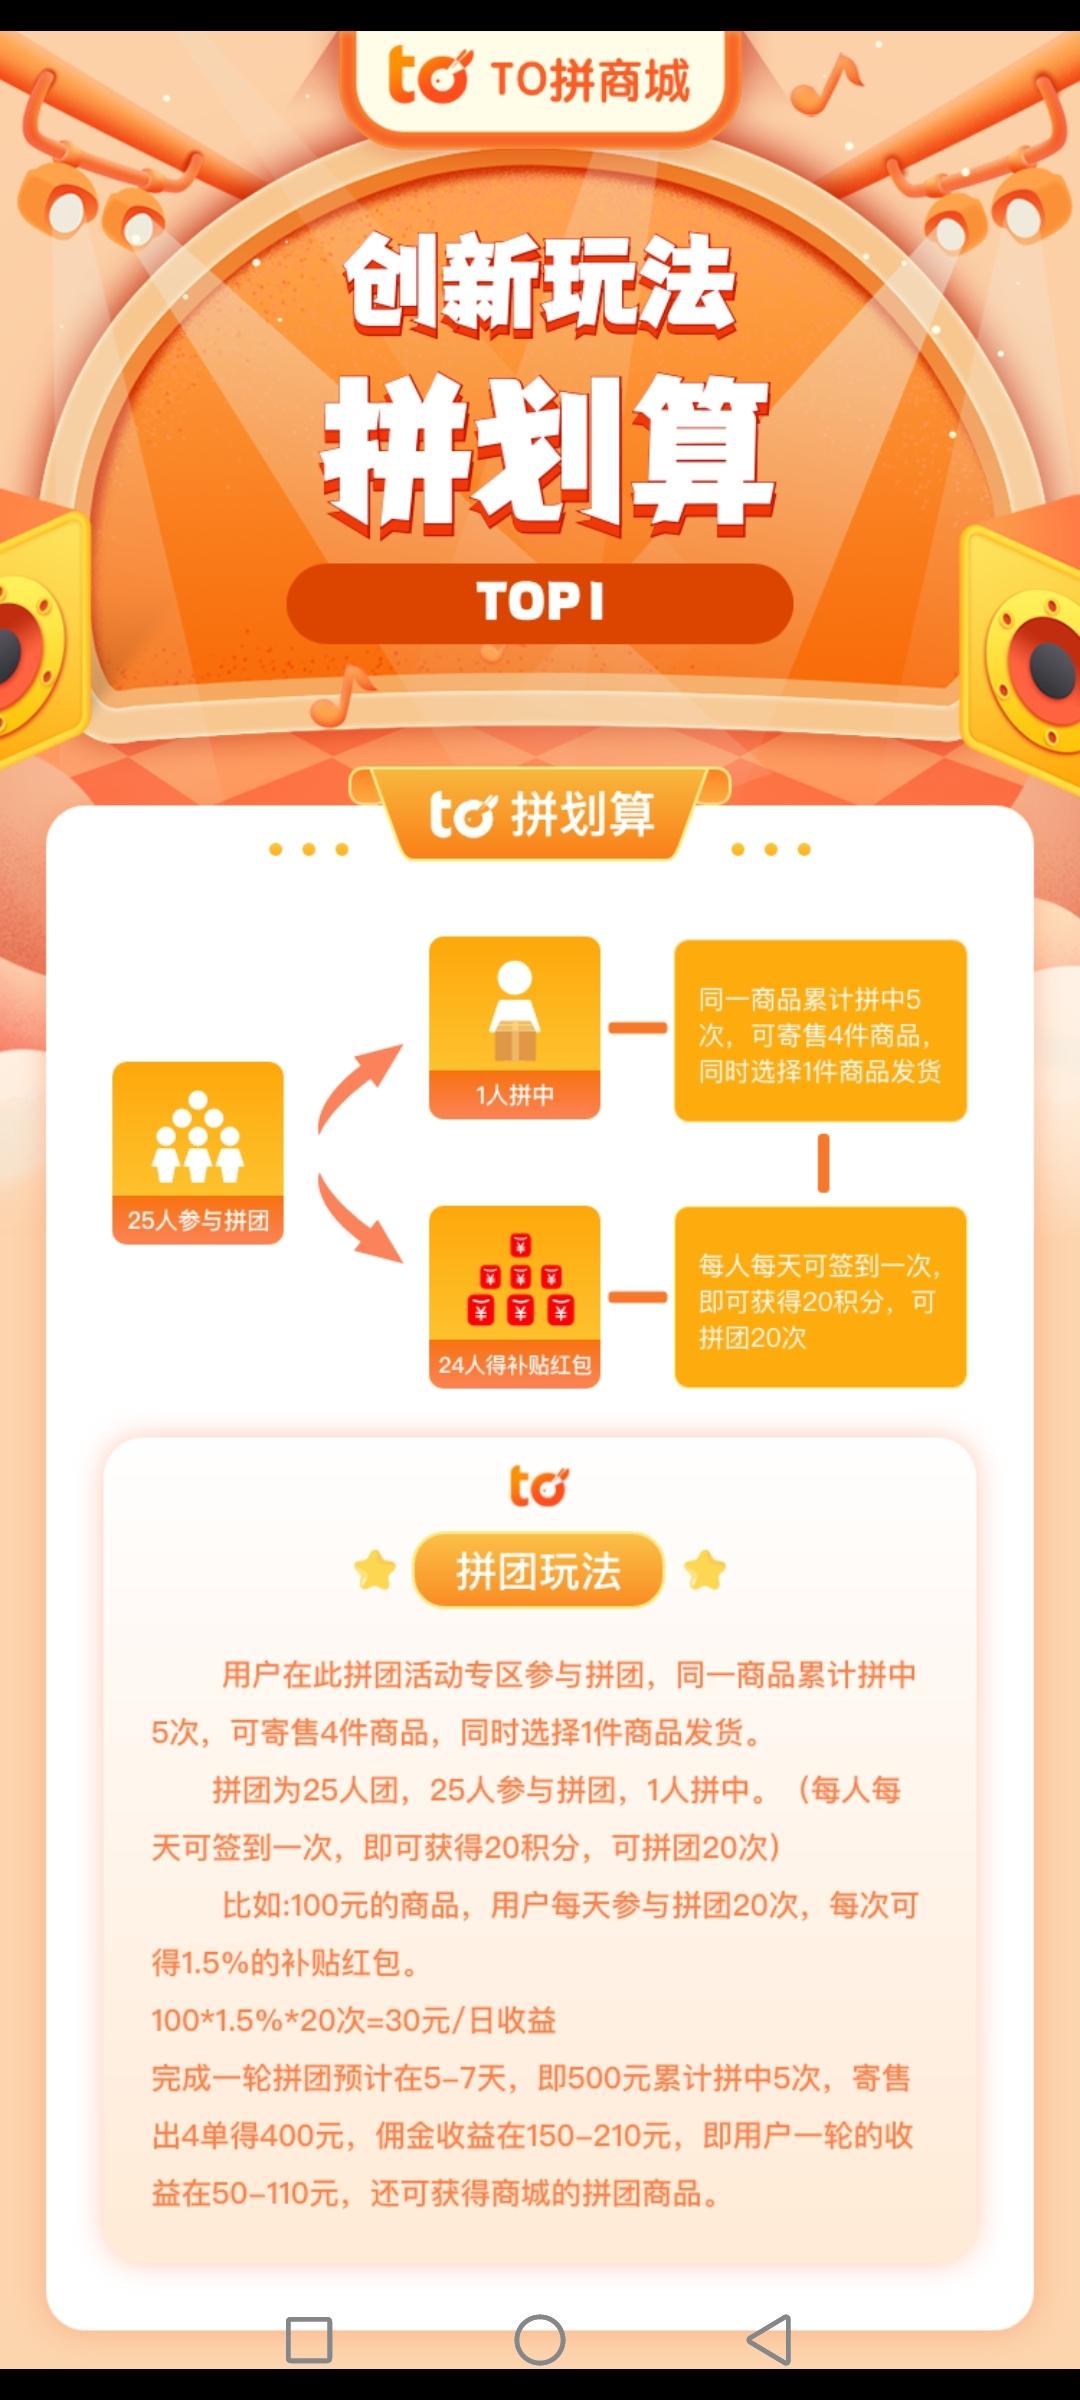 图片[2]-To商城拼团,刚上线,无限代扶持100-首码社